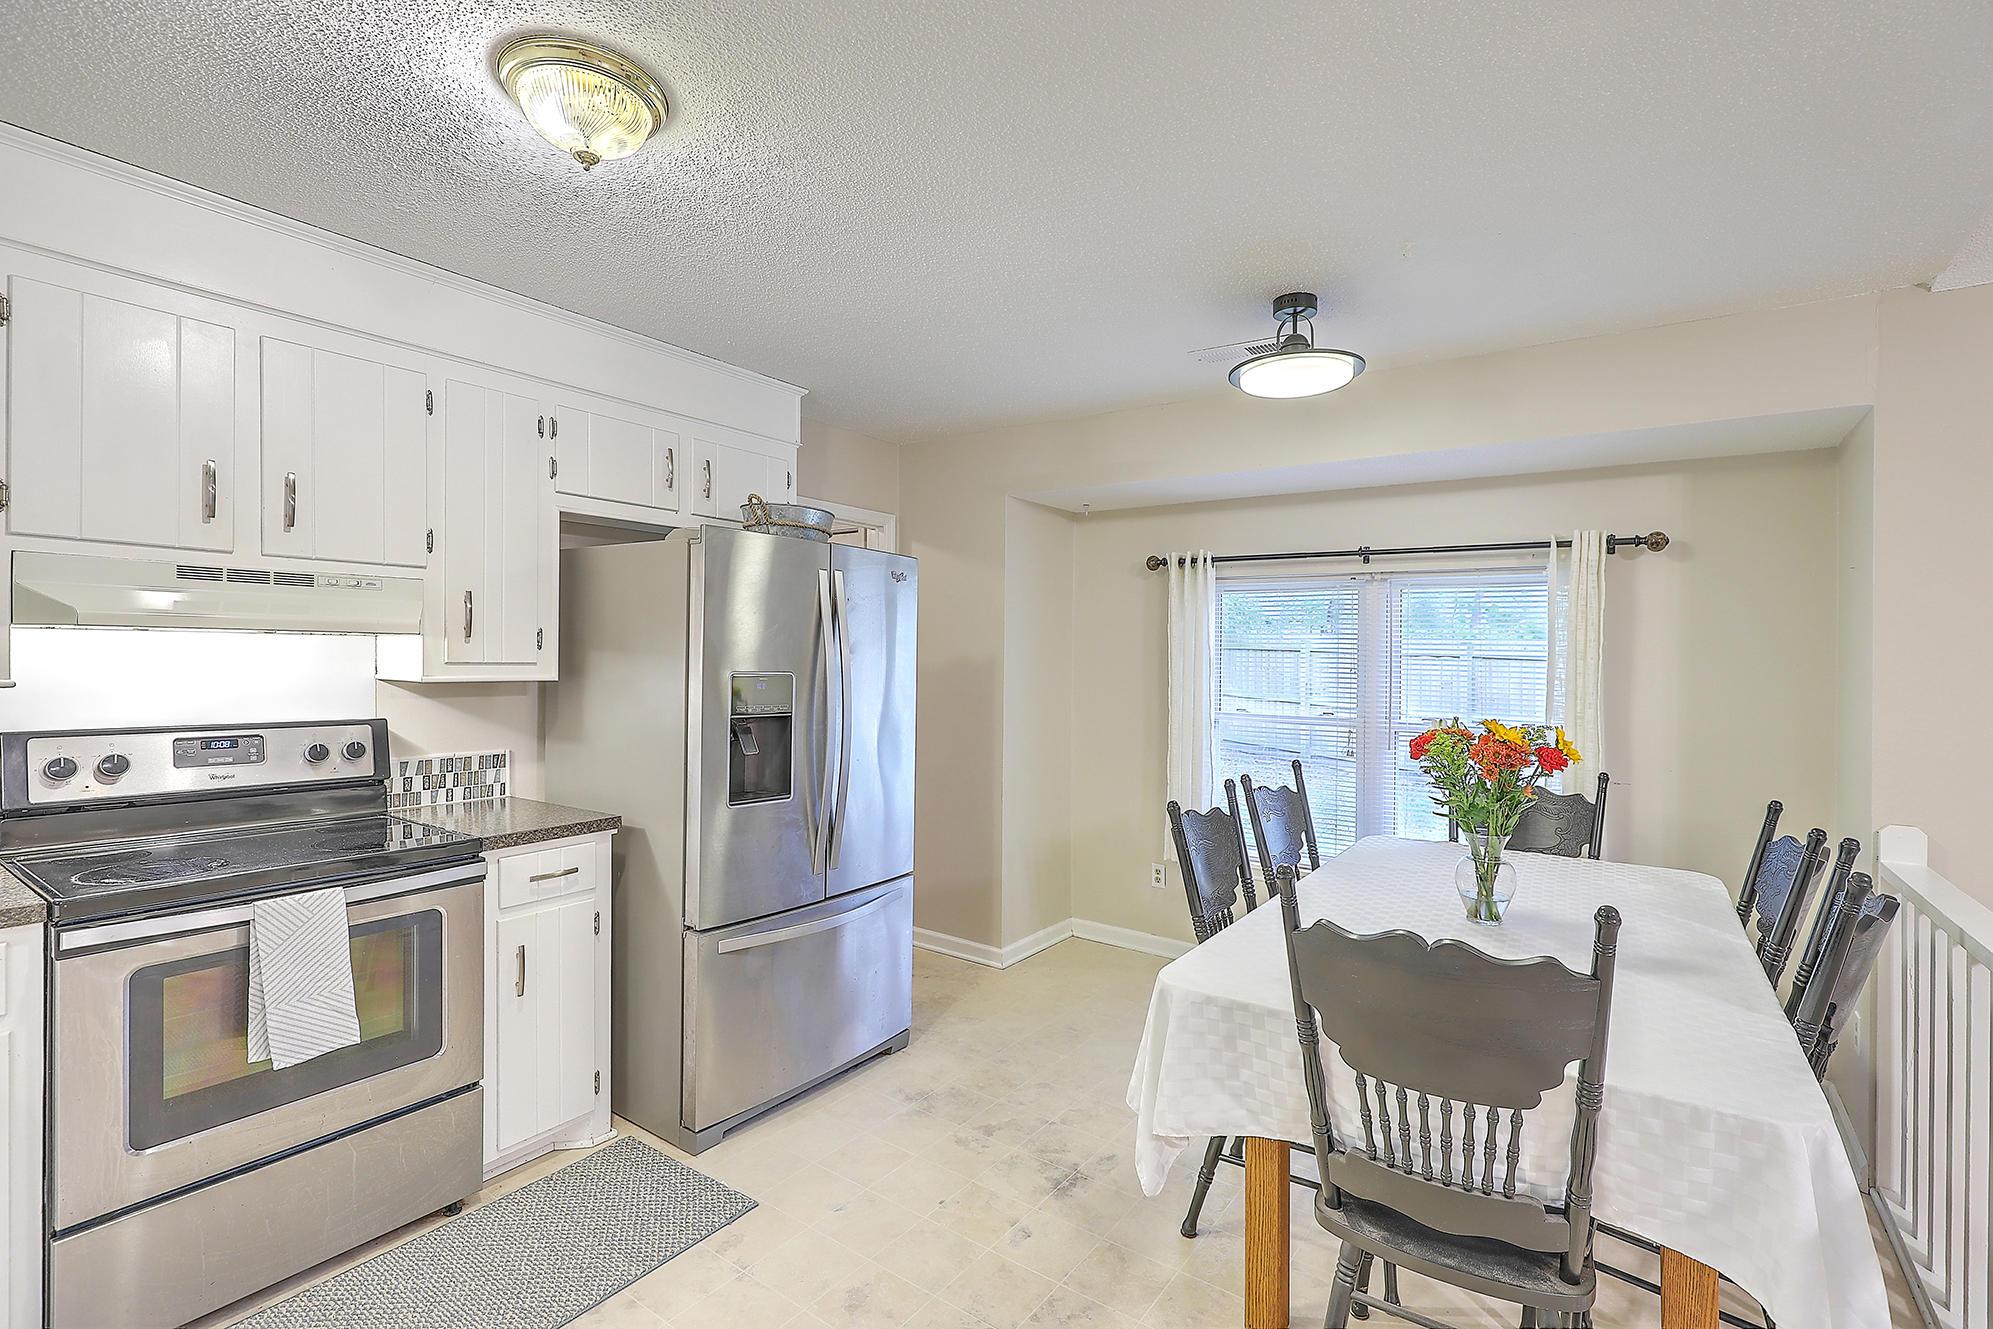 Willowbrook I Homes For Sale - 37 Delaware, Goose Creek, SC - 18